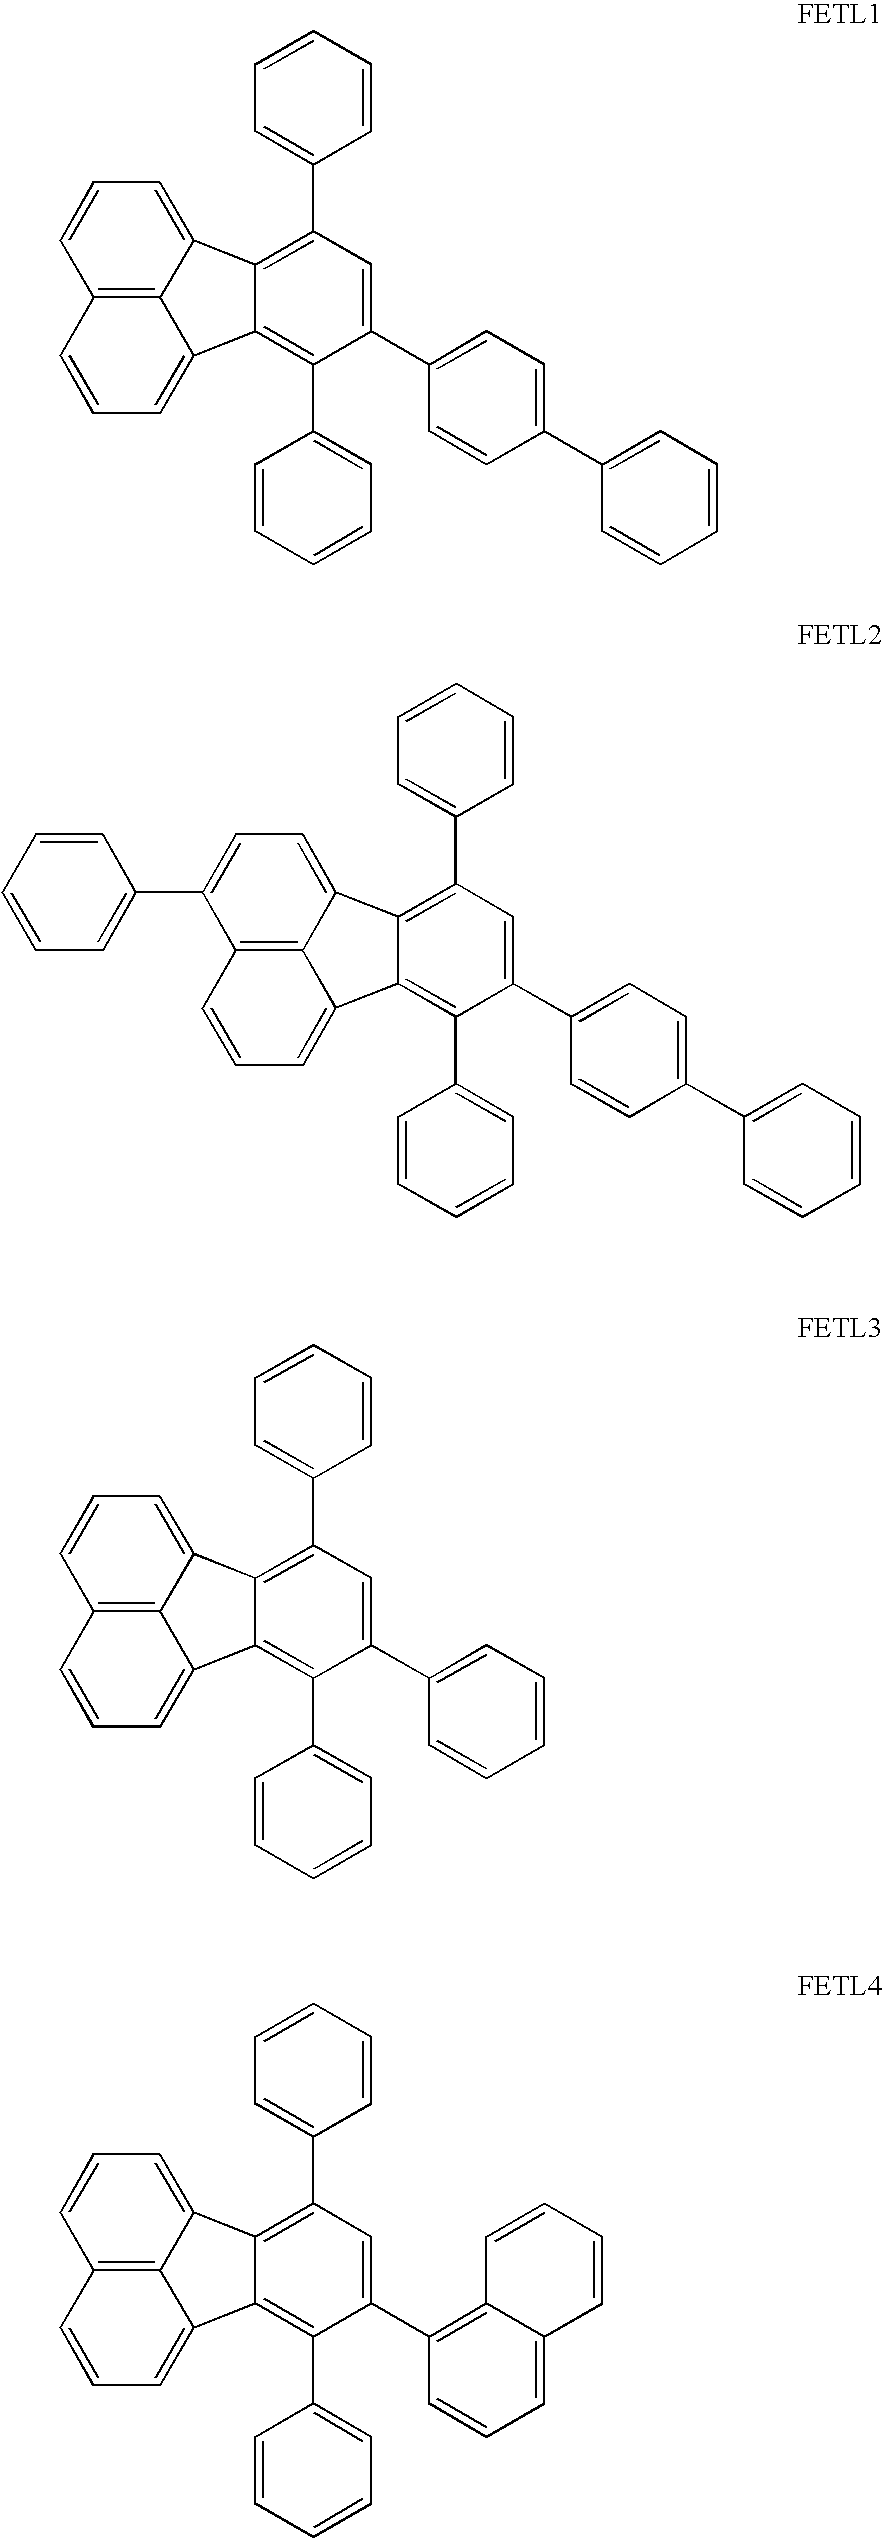 Figure US20090162612A1-20090625-C00024